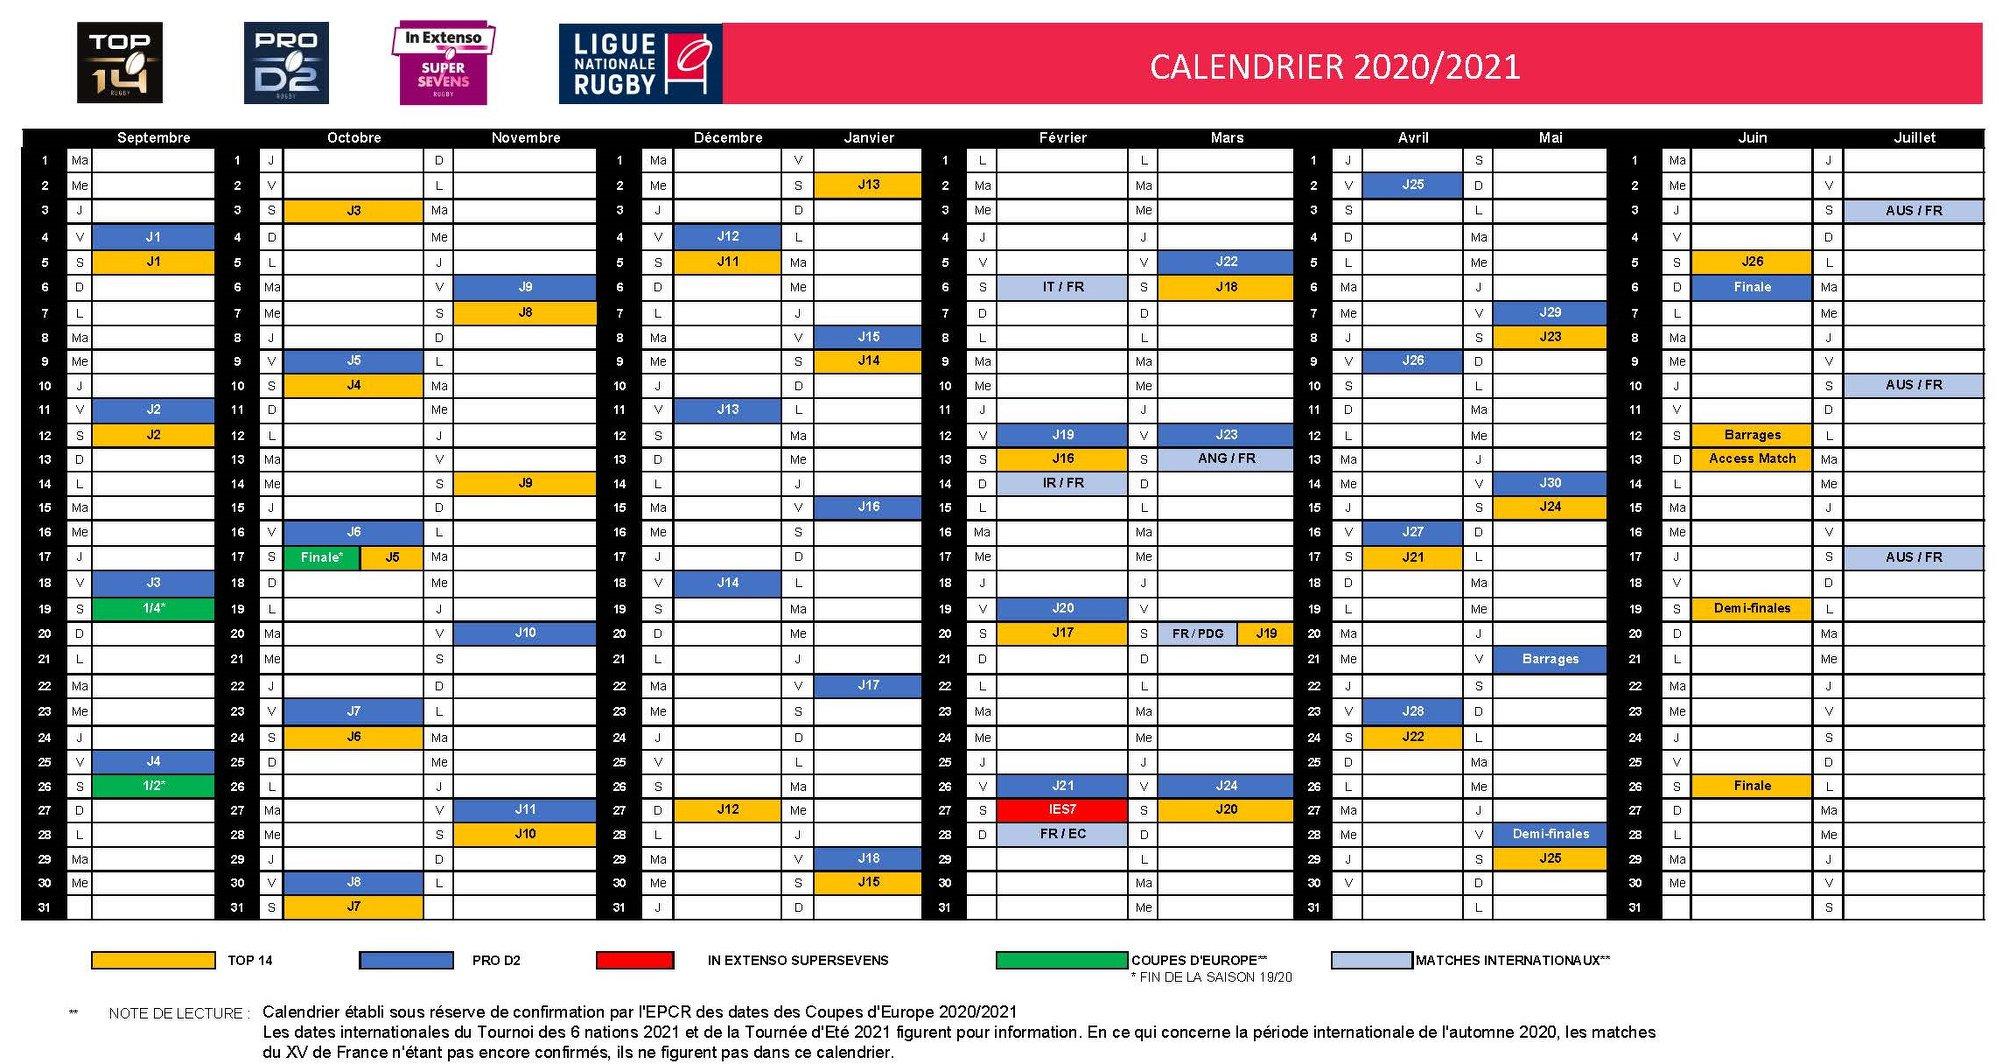 Le calendrier 2020 2021 de Top 14 et Pro D2 est validé